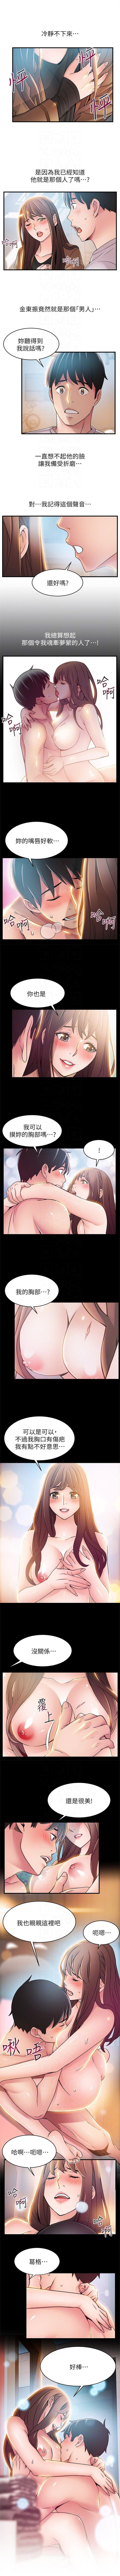 弱点 1-64 中文翻译(更新中) 233